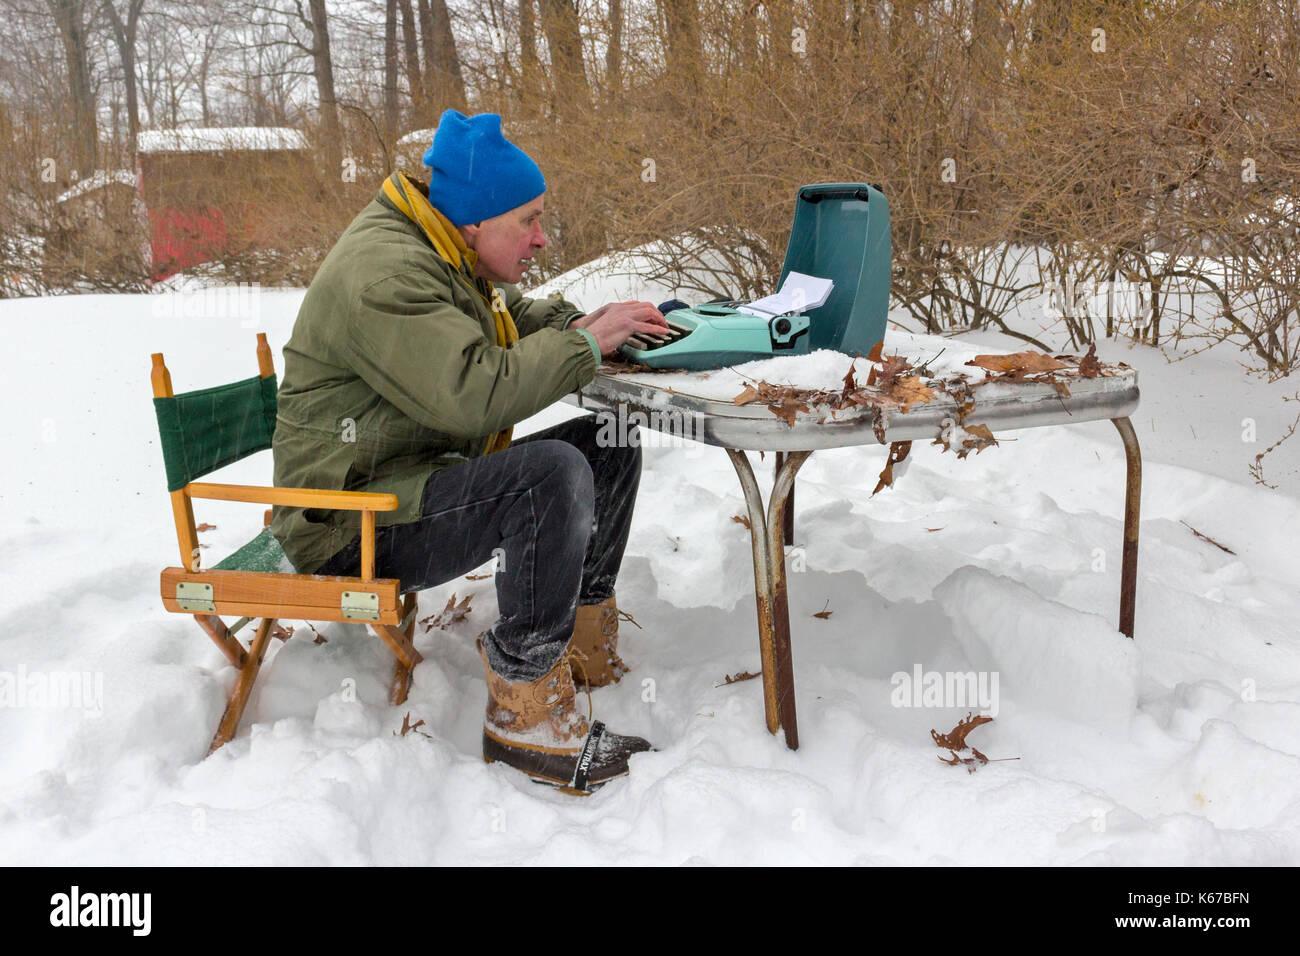 Un escritor sentado en una mesa en el exterior durante una tormenta de nieve y escribiendo en una máquina de escribir. Imagen De Stock